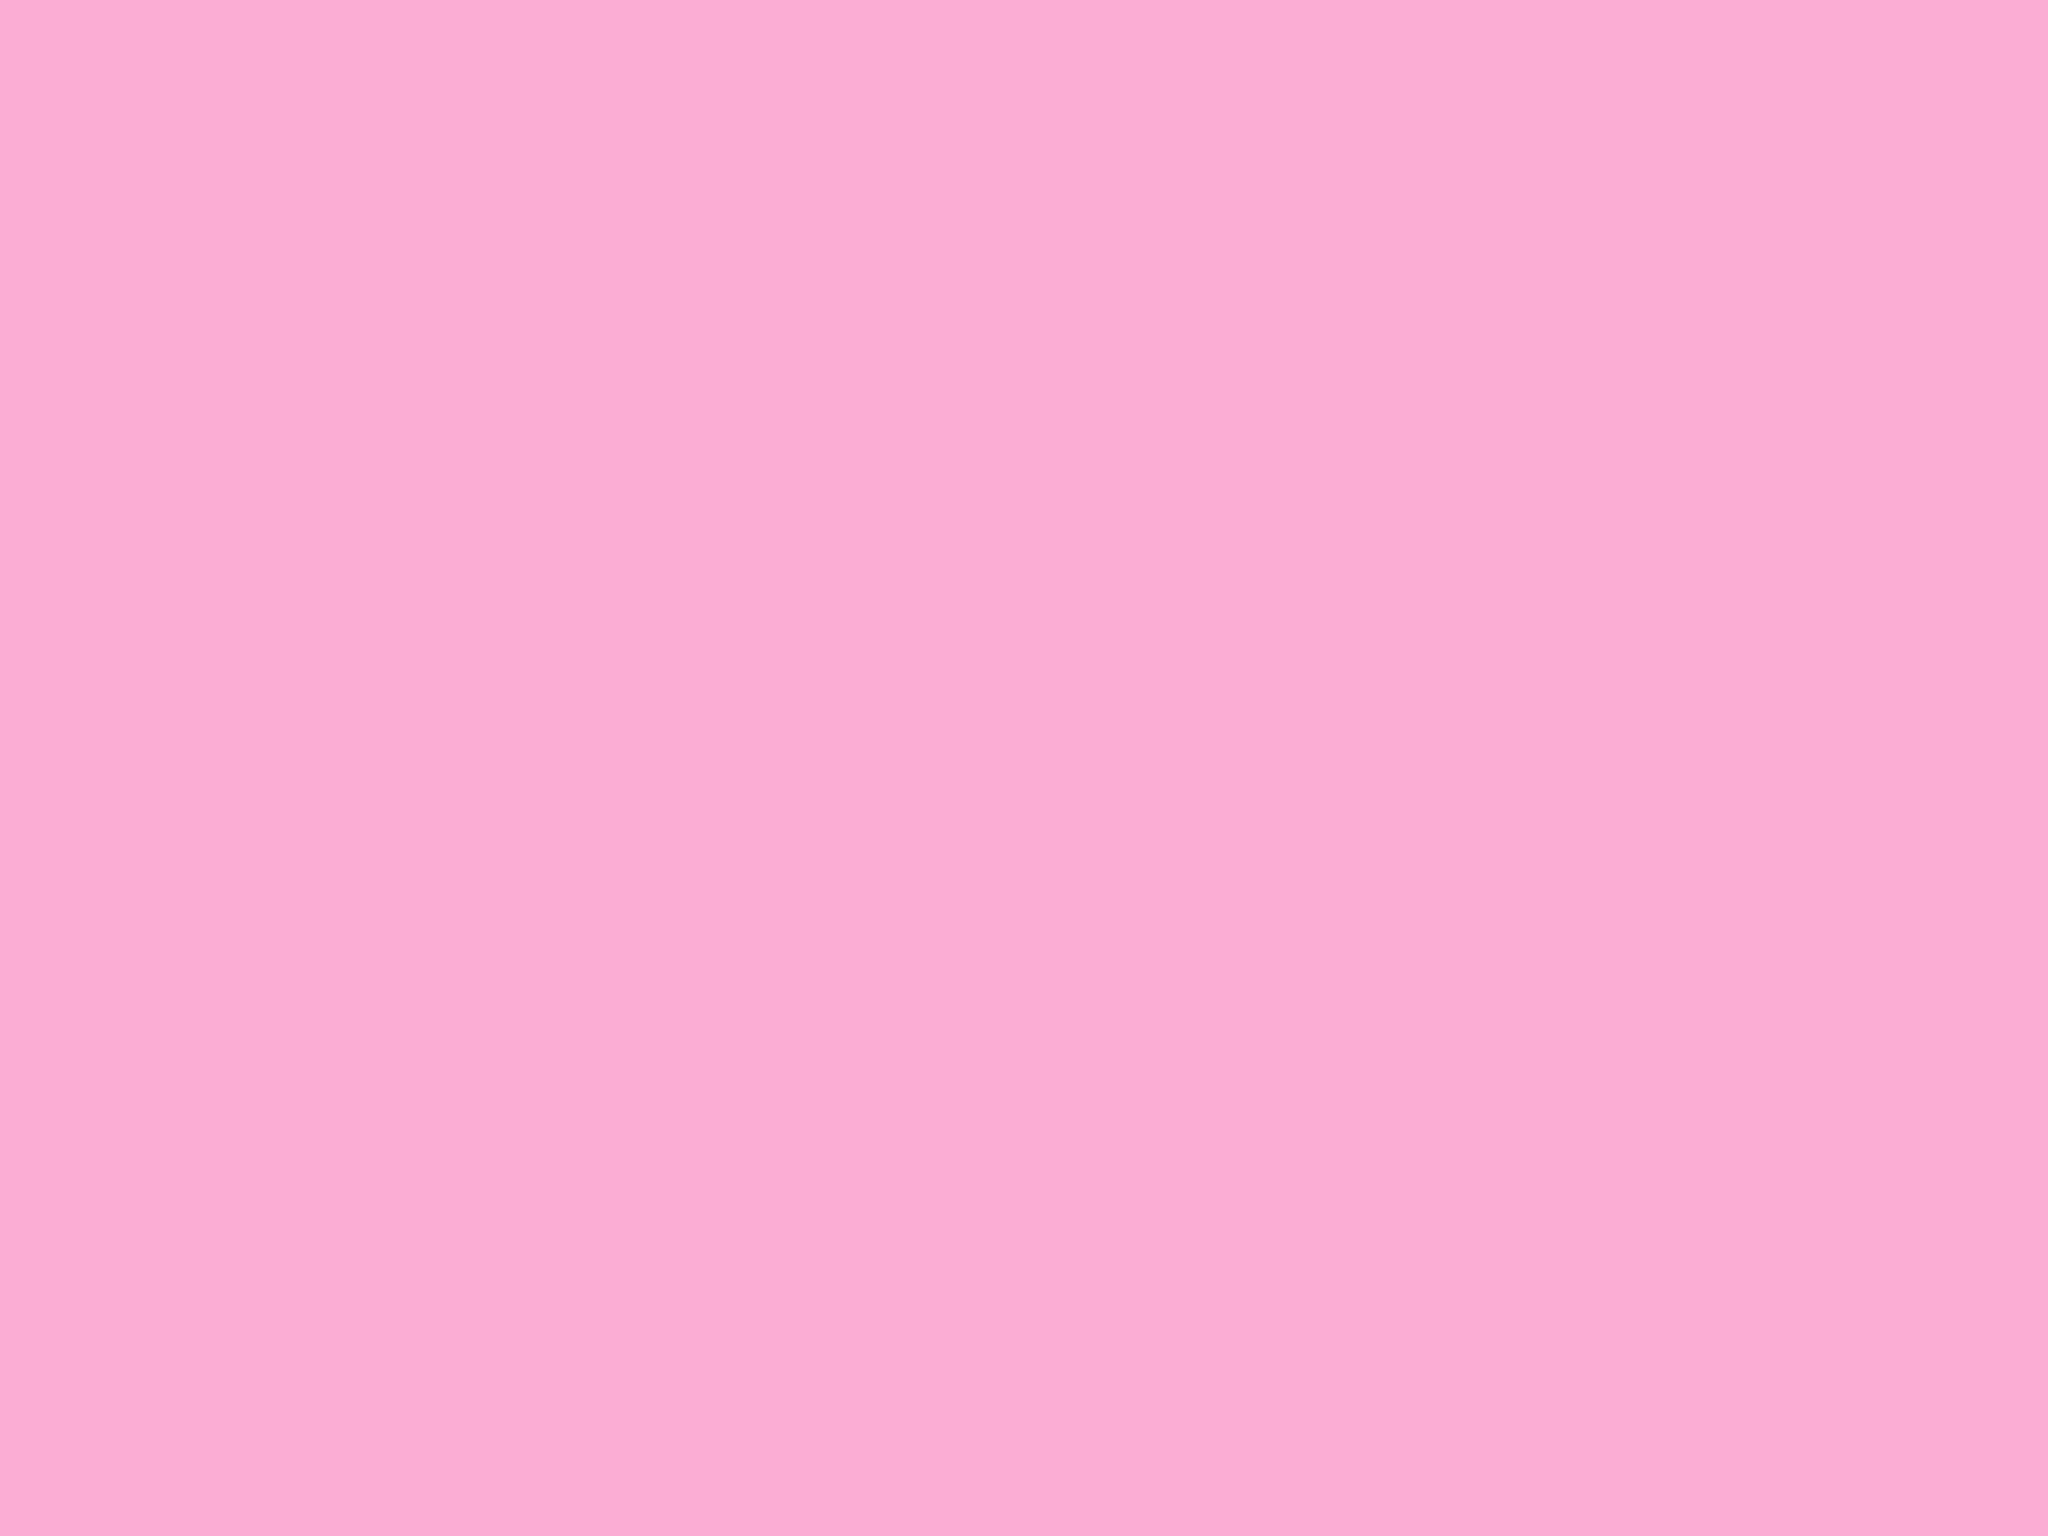 2048x1536 Lavender Pink Solid Color Background